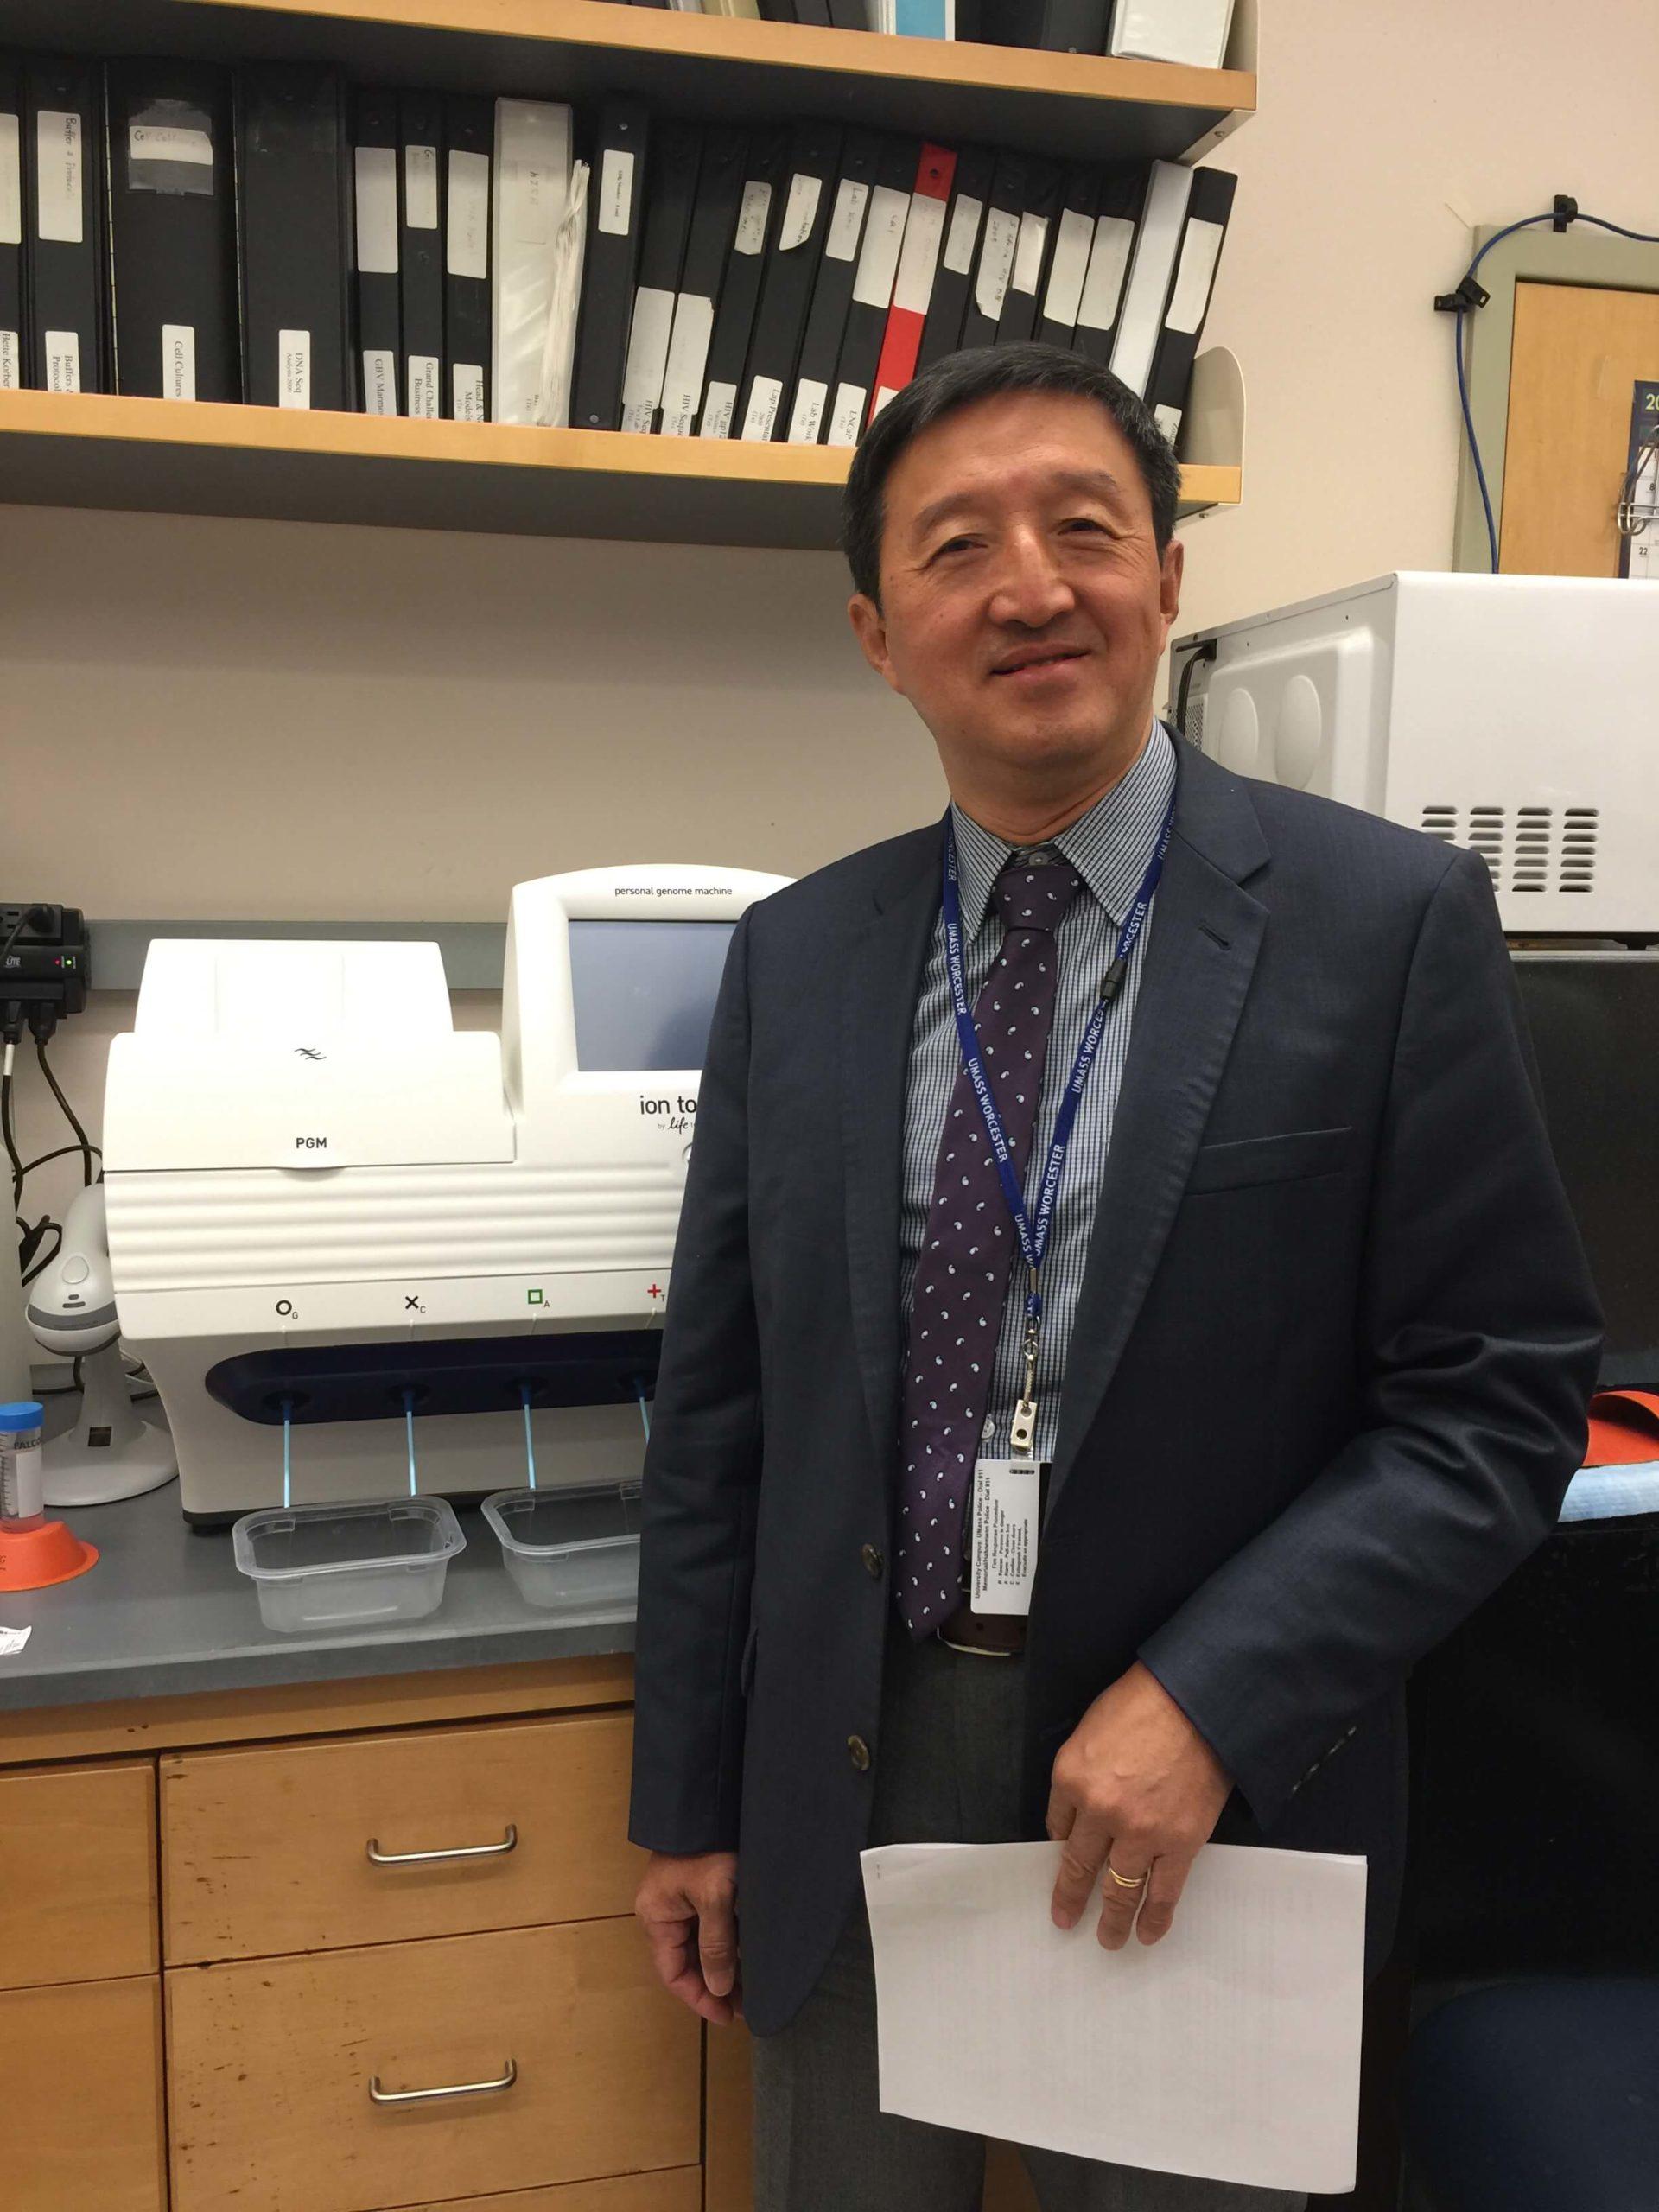 新型艾滋疫苗PDPHV展现优异免疫效果